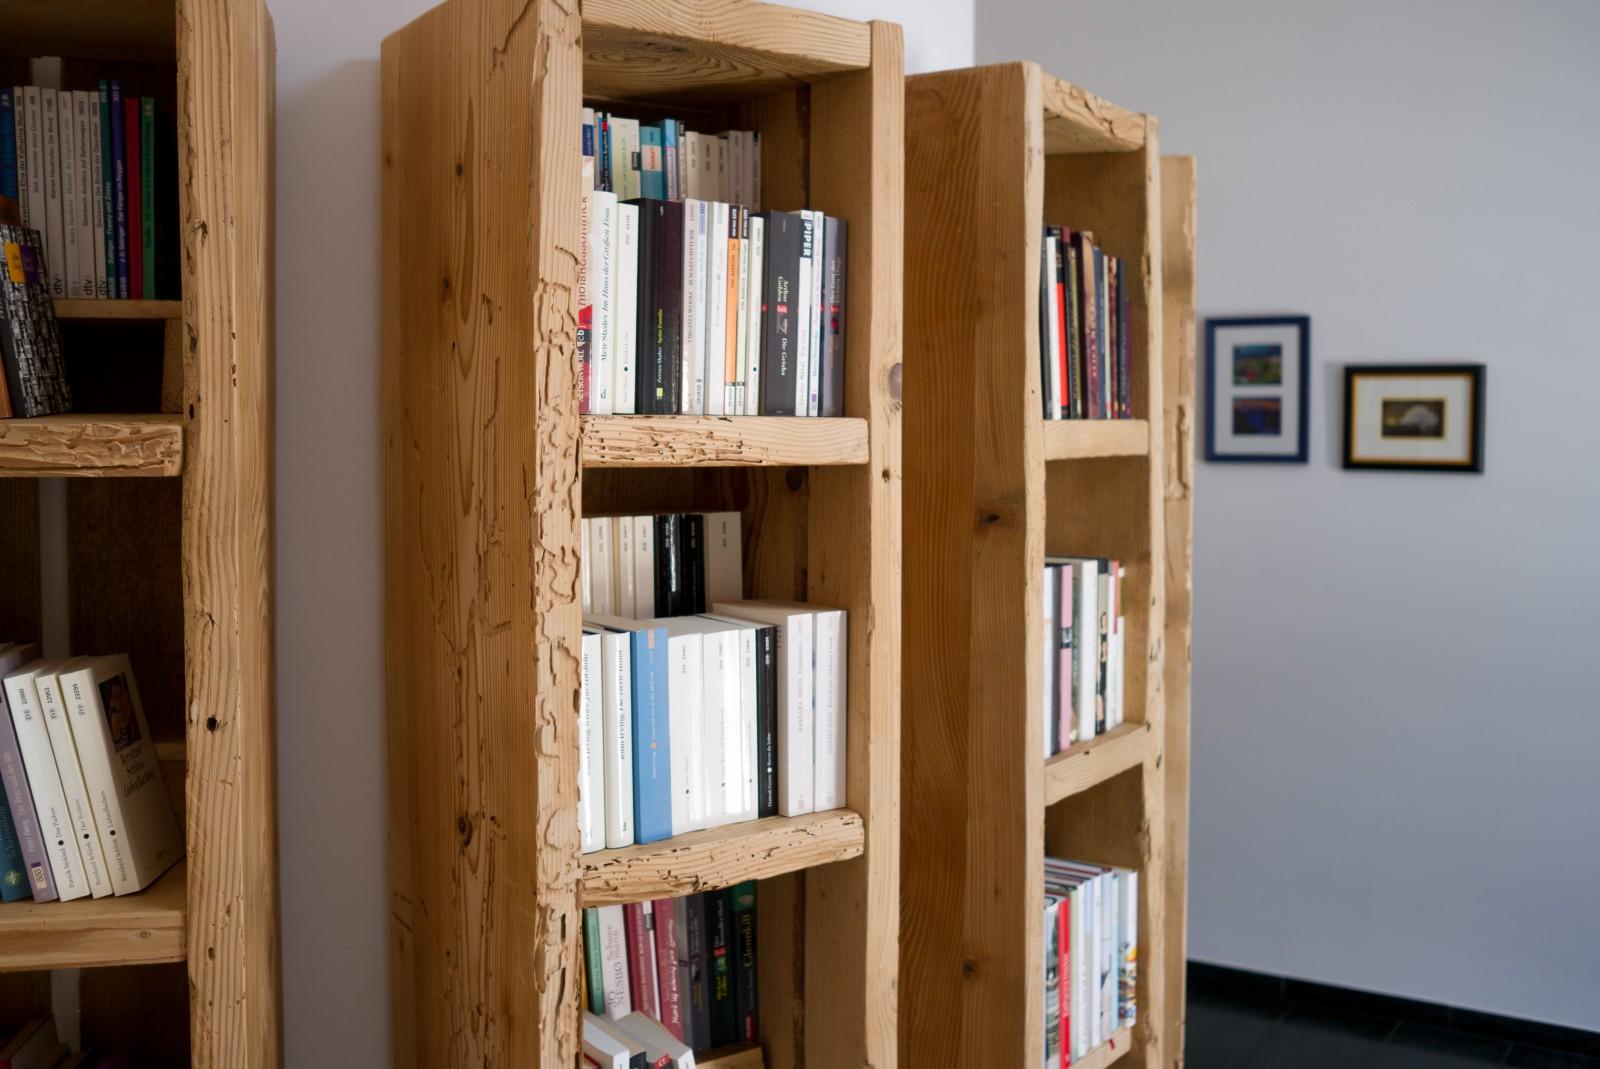 manum m bel aus altholz turmgestell aus altholz. Black Bedroom Furniture Sets. Home Design Ideas